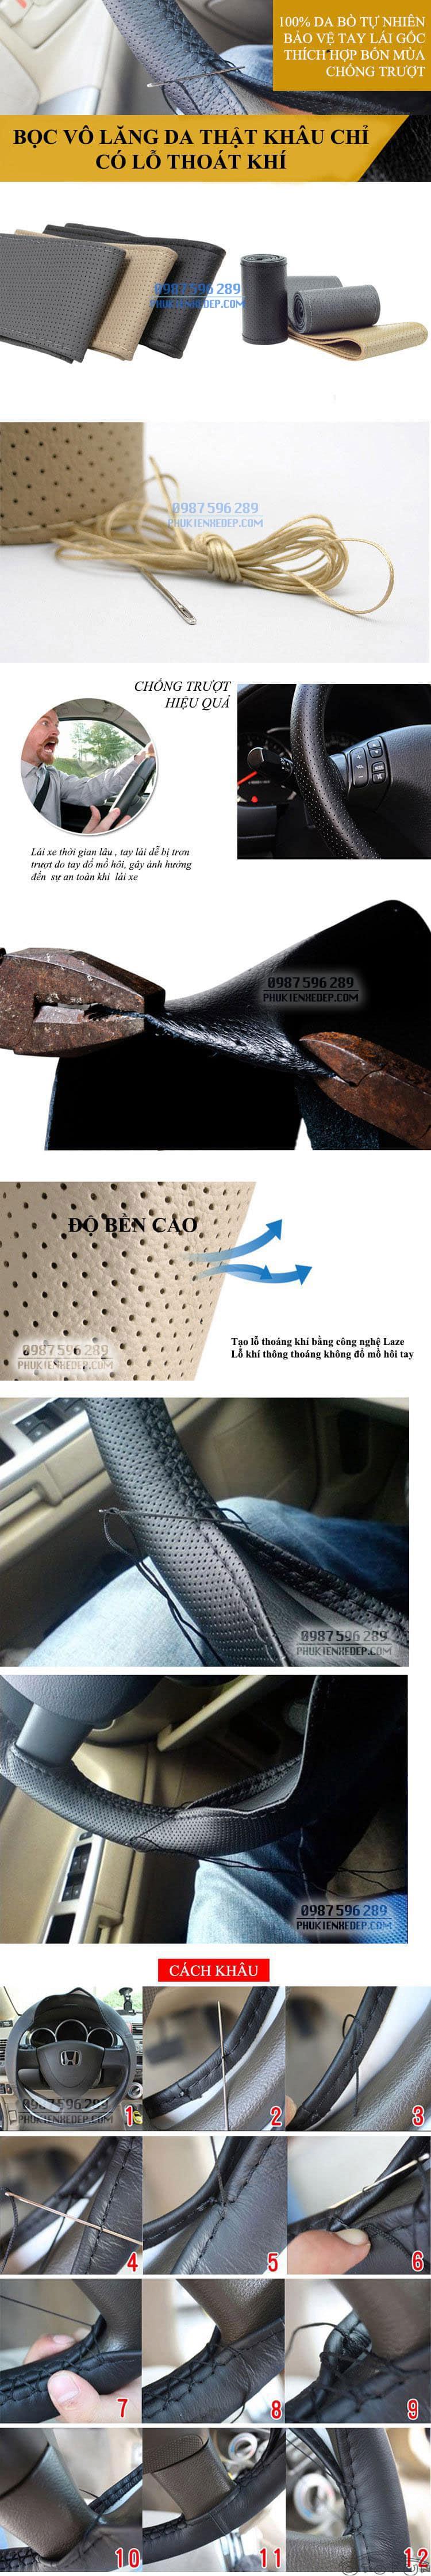 Bọc da vô lăng ô tô khâu tay 3